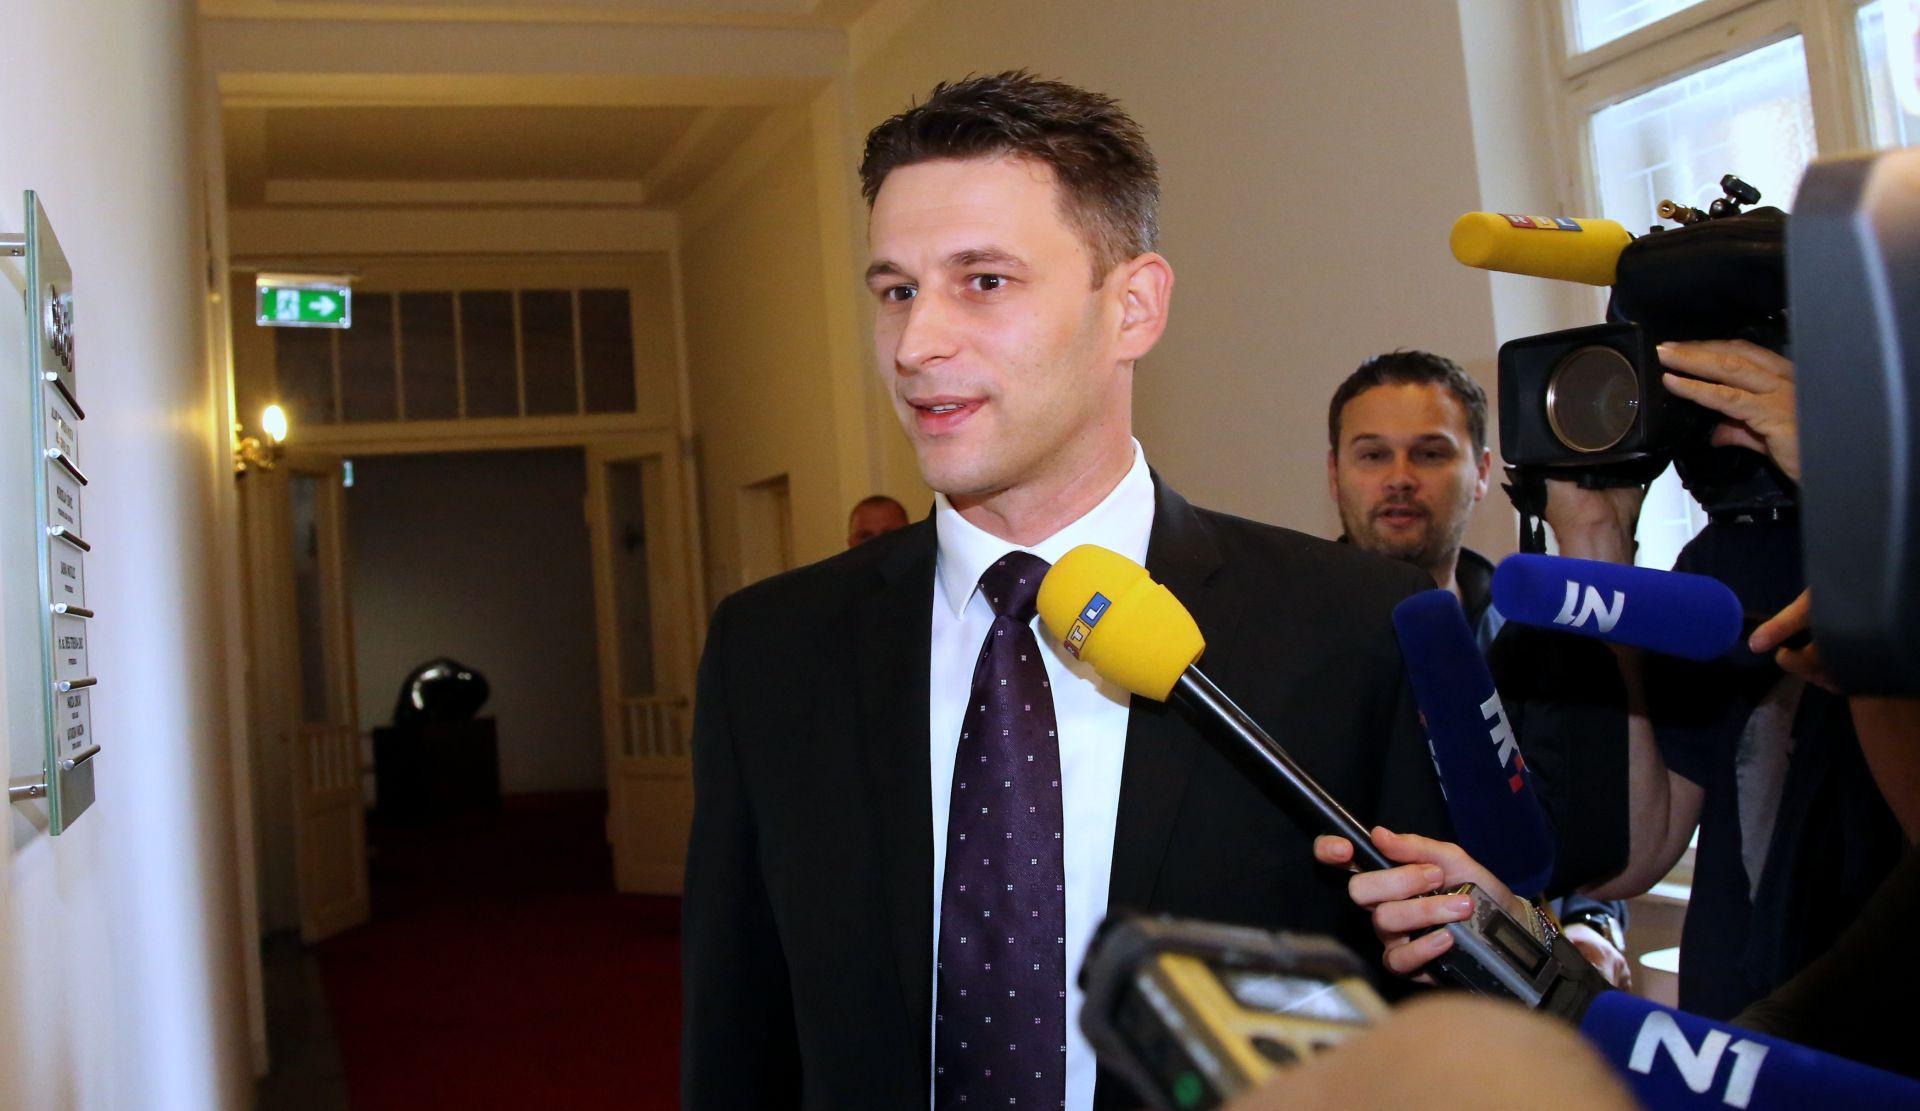 NESPOJIVOST DUŽNOSTI Božo Petrov podnio ostavku na mjesto potpredsjednika Vlade